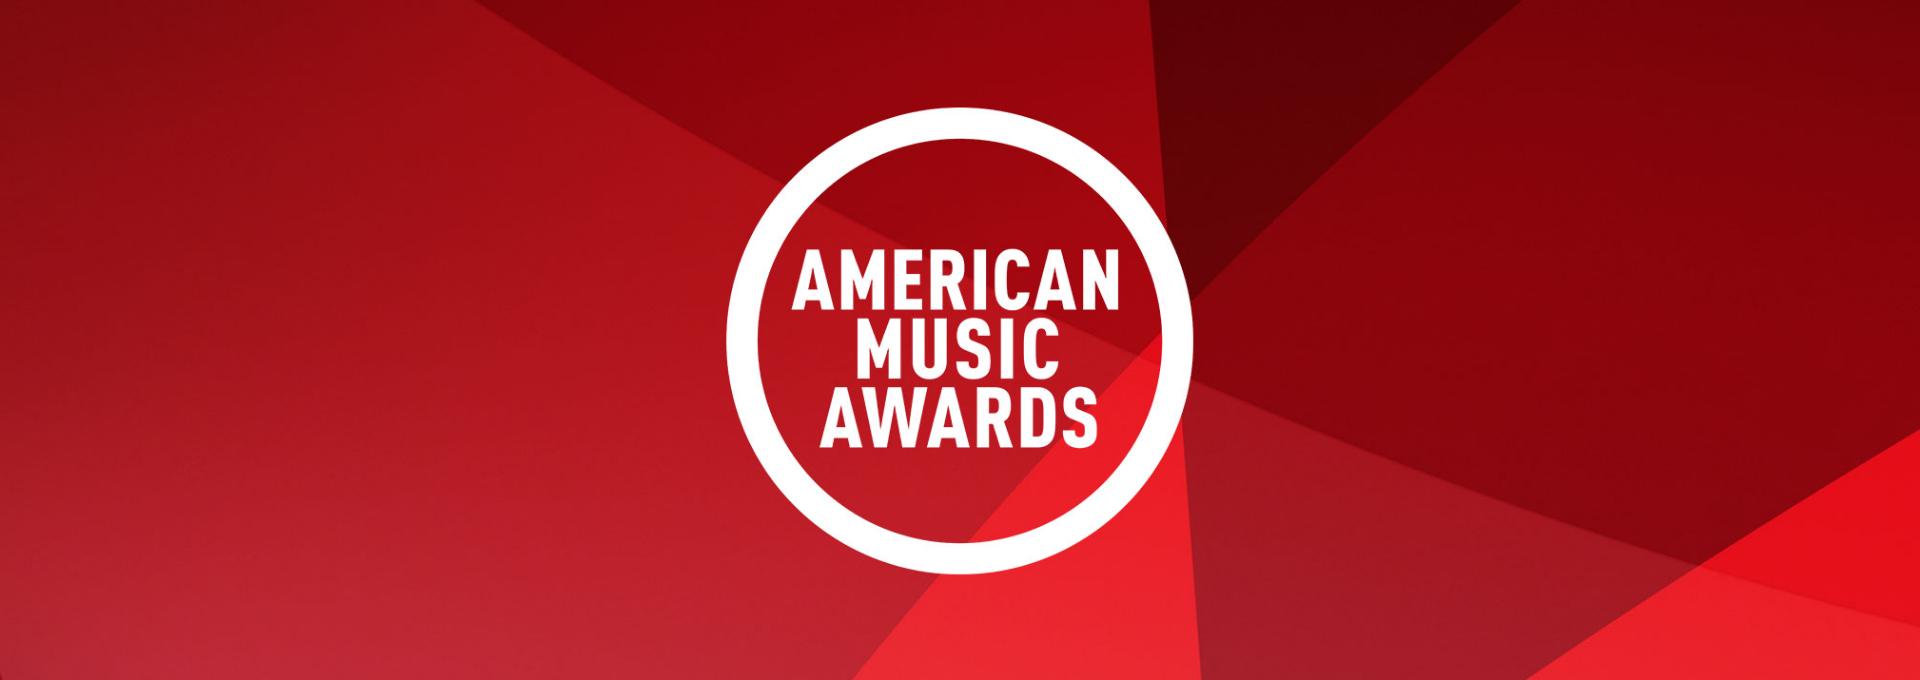 2020 全美音樂獎入圍歌單:Roddy Ricch、The Weeknd 搶盡鋒頭